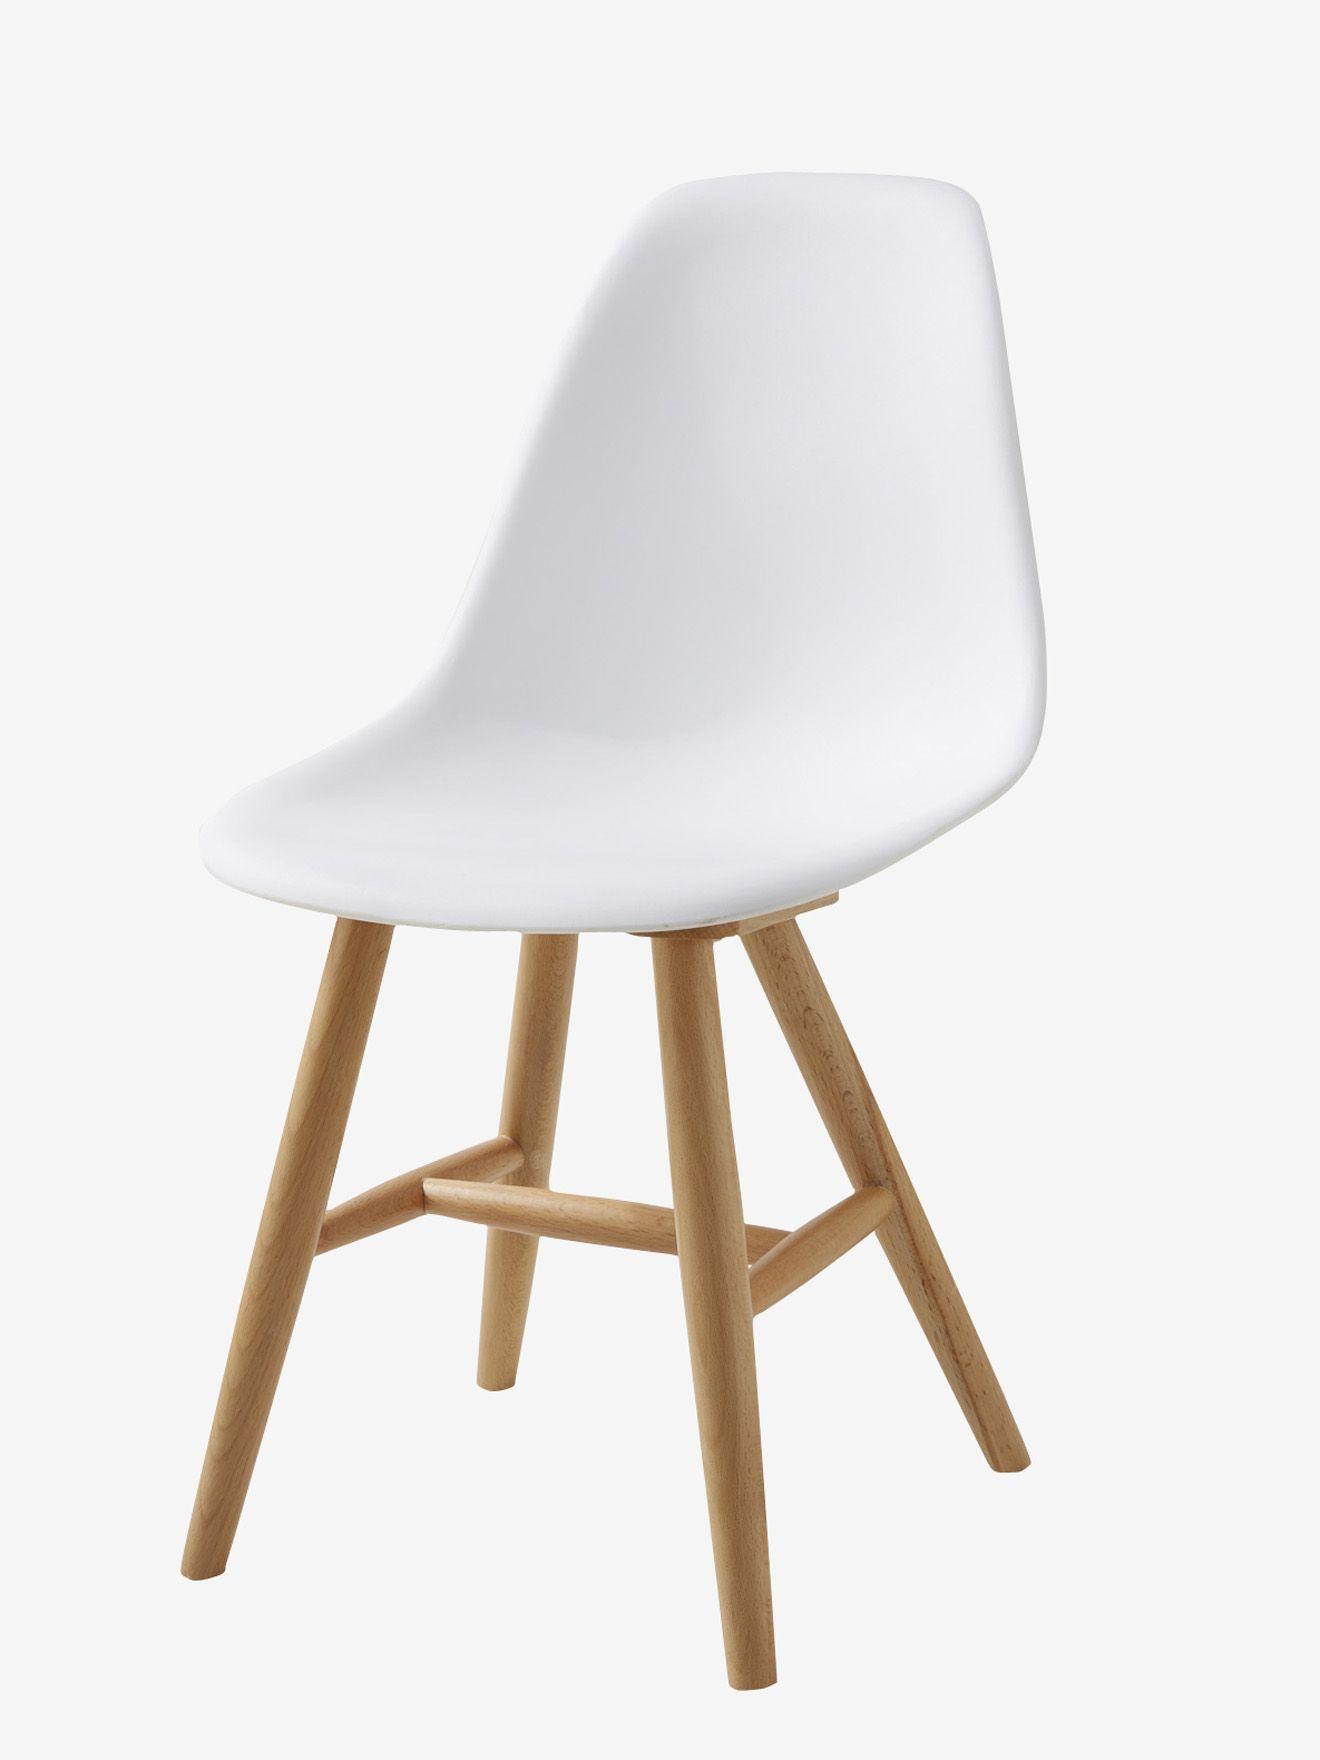 Luxury Niedriger Kinderstuhl aus Holz von Vertbaudet in wei Nur uac Versand Kinderzimmer jetzt bei Vertbaudet bestellen